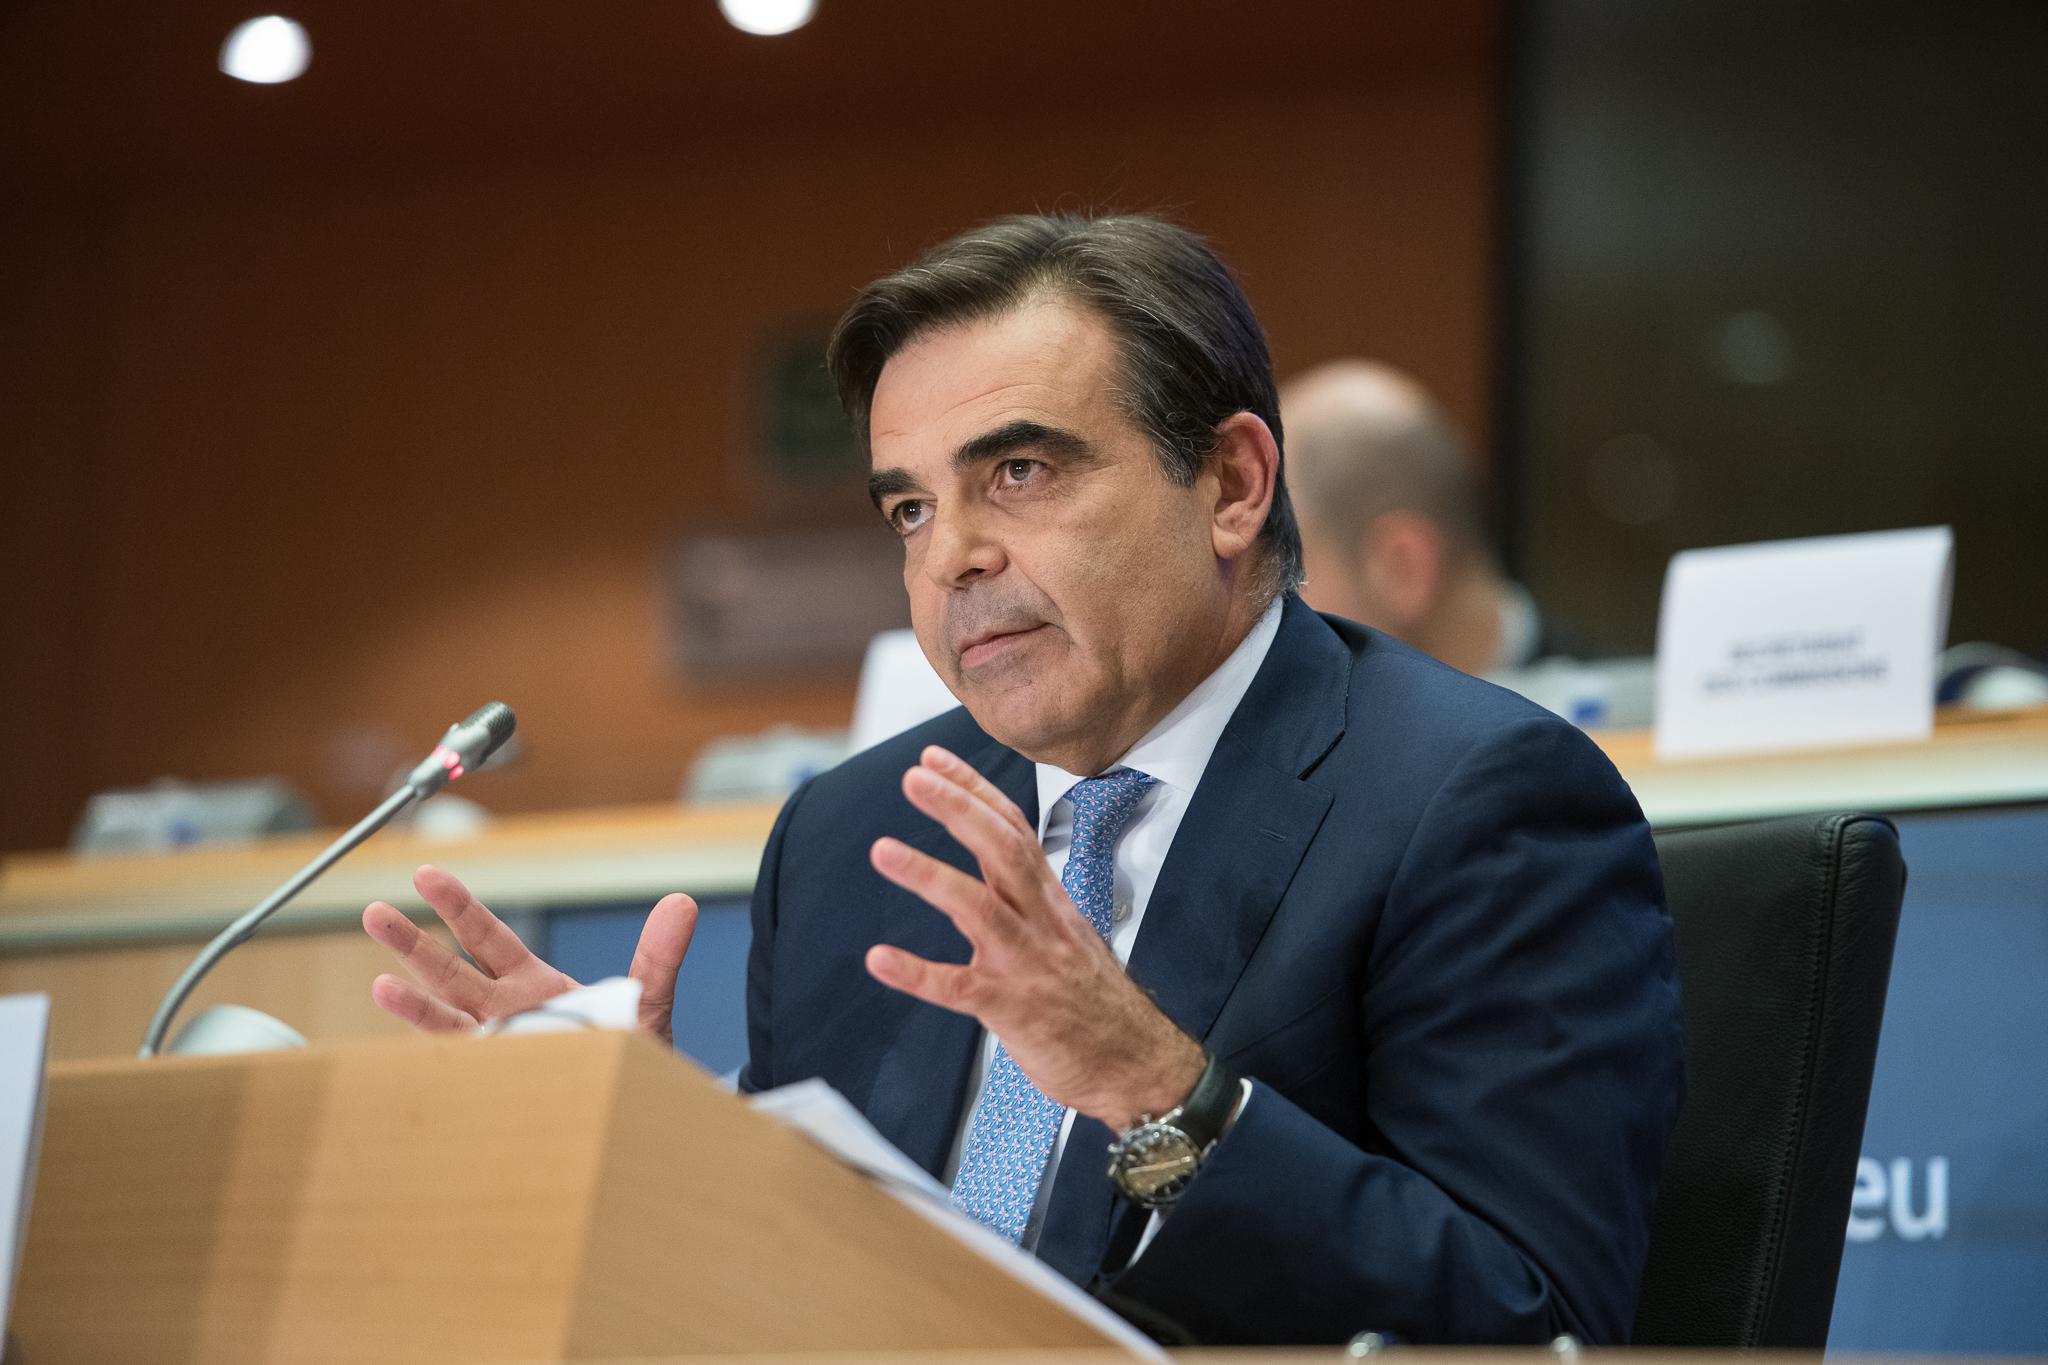 Εξαγγελία Σχοινά με 35 εκατομμύρια ευρώ για το THESSINTEC